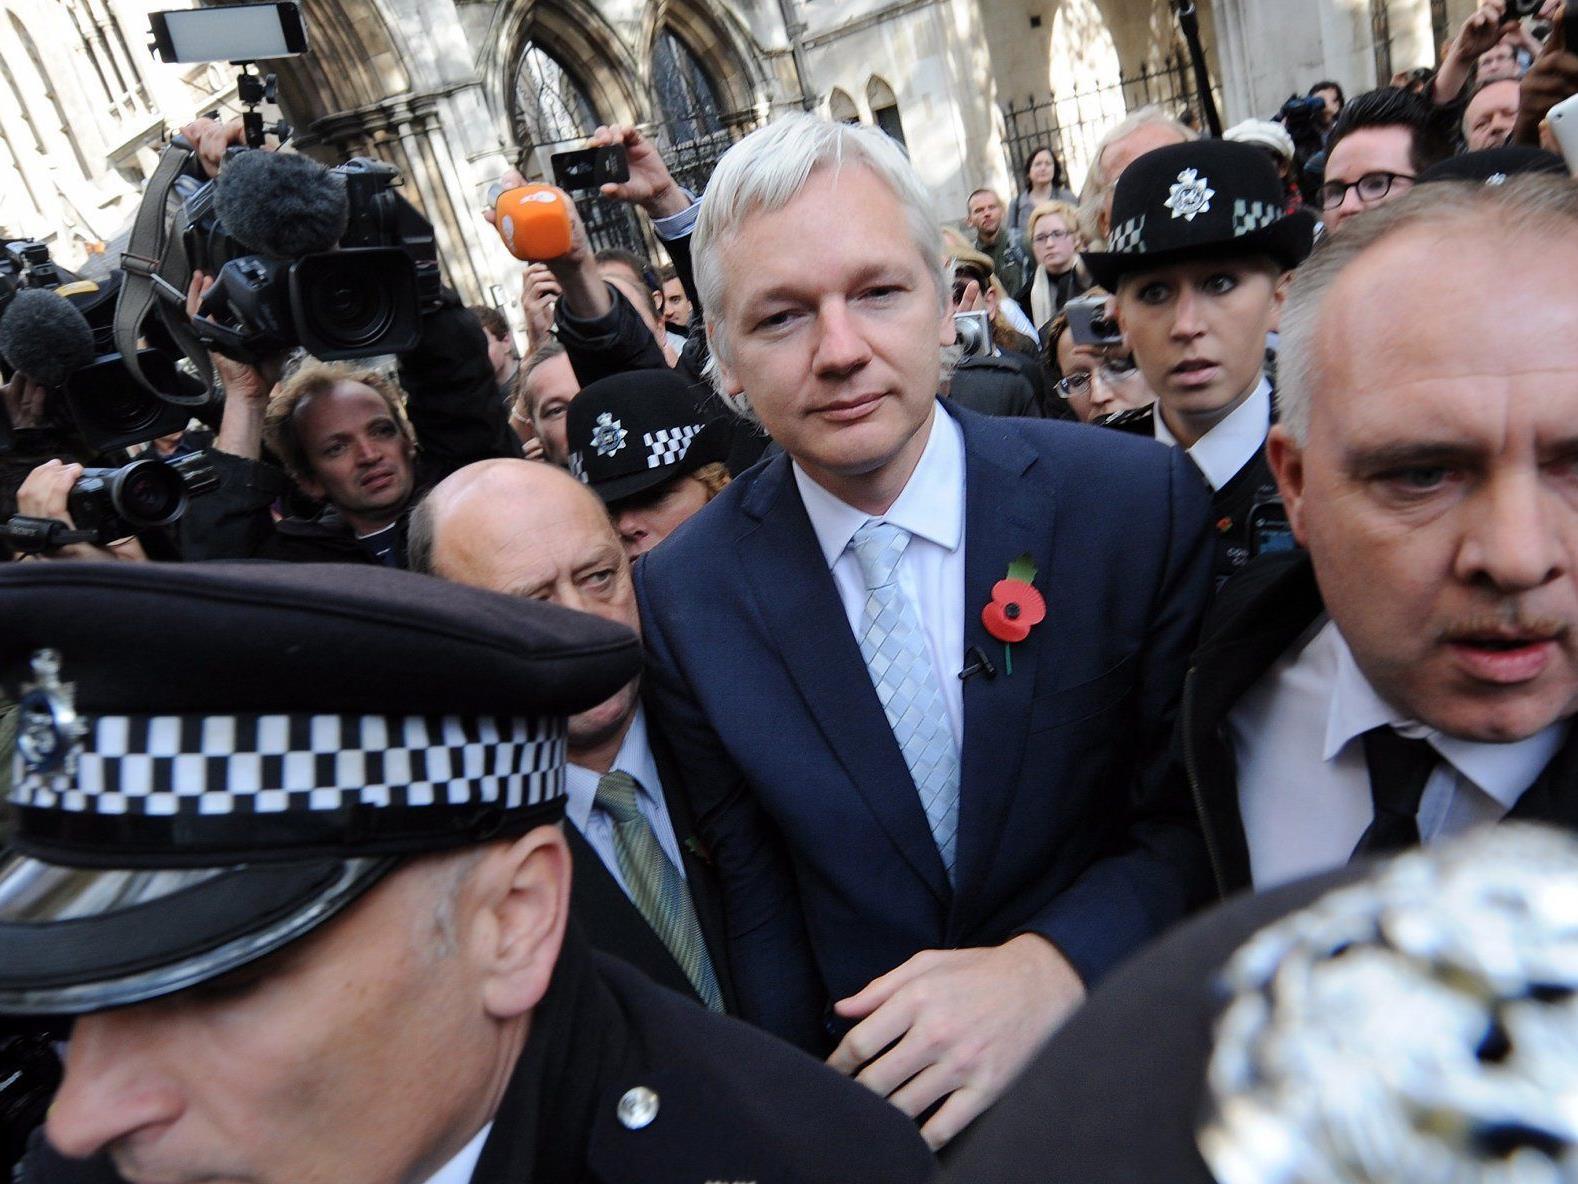 Nach dem Urteil zur Auslieferung von Wikileaks-Gründer Julian Assange an Schweden hat sein Umfeld den Druck auf die australische Regierung erhöht.